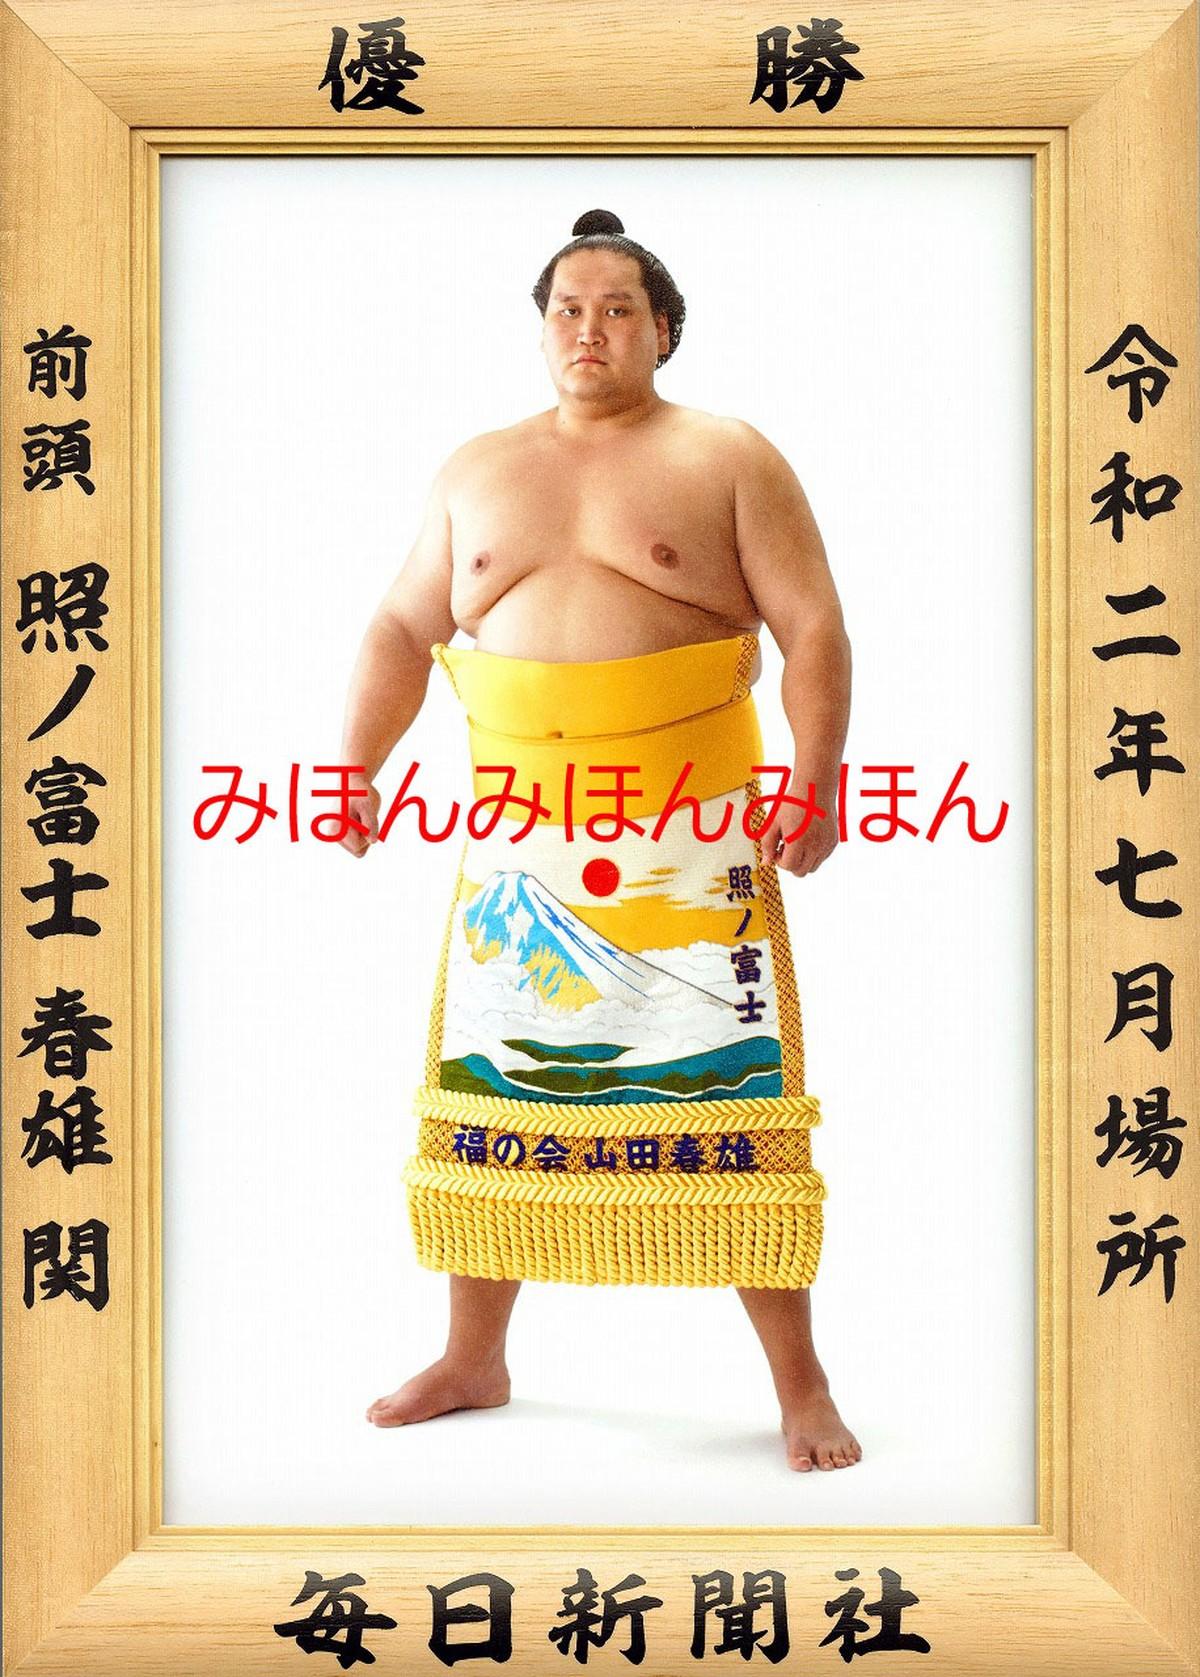 照ノ富士春雄の画像 p1_6